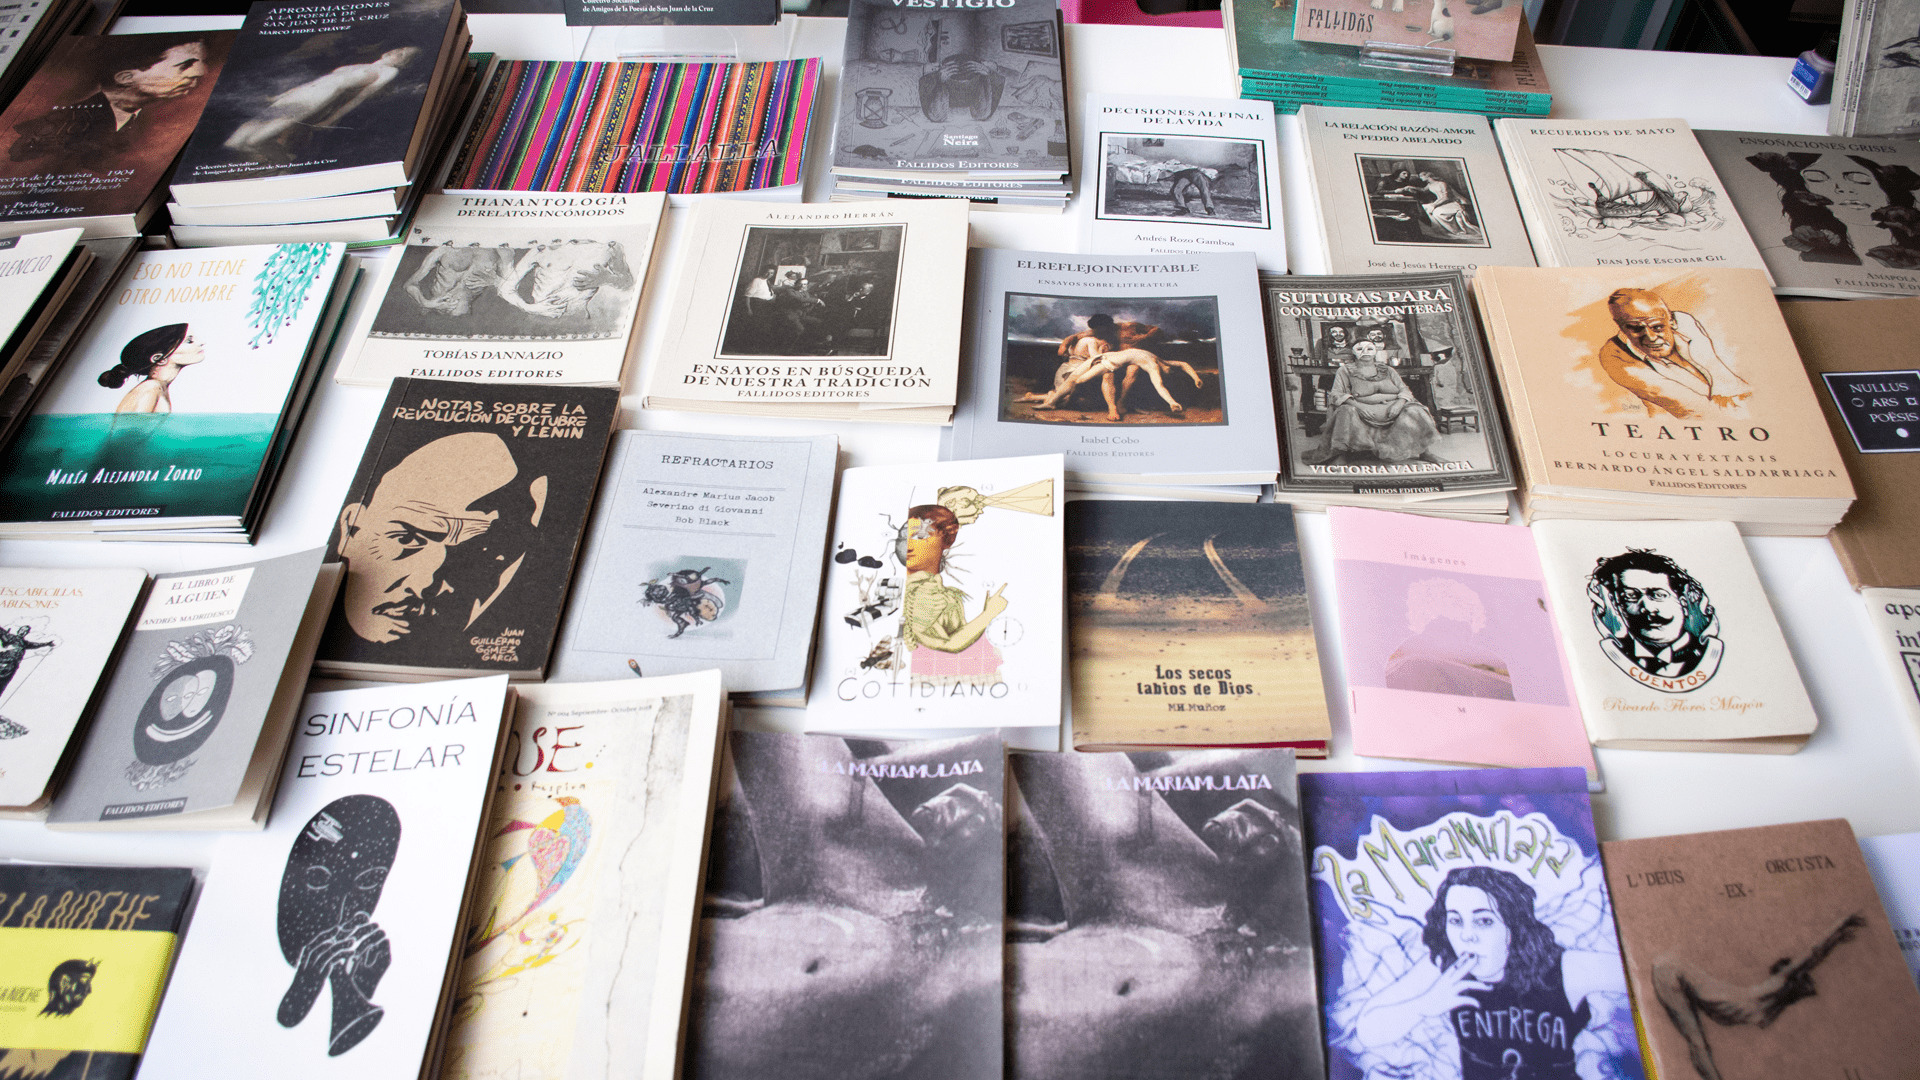 mercado-de-editoriales-tienda-museo